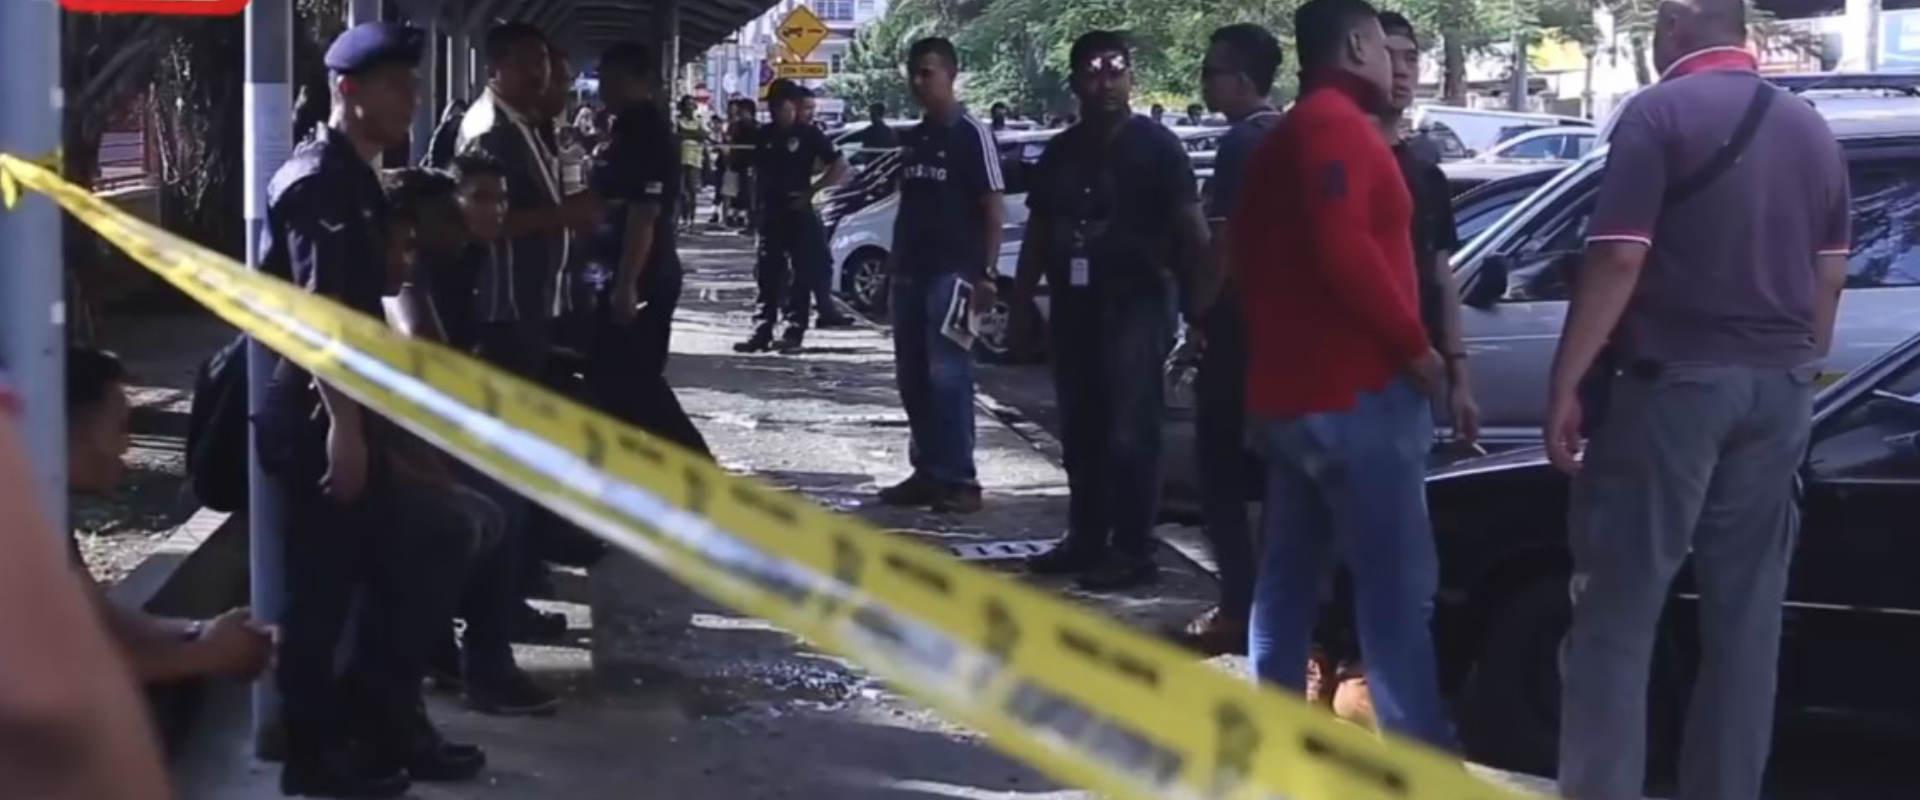 זירת ההתנקשות בקואלה-למפור, היום